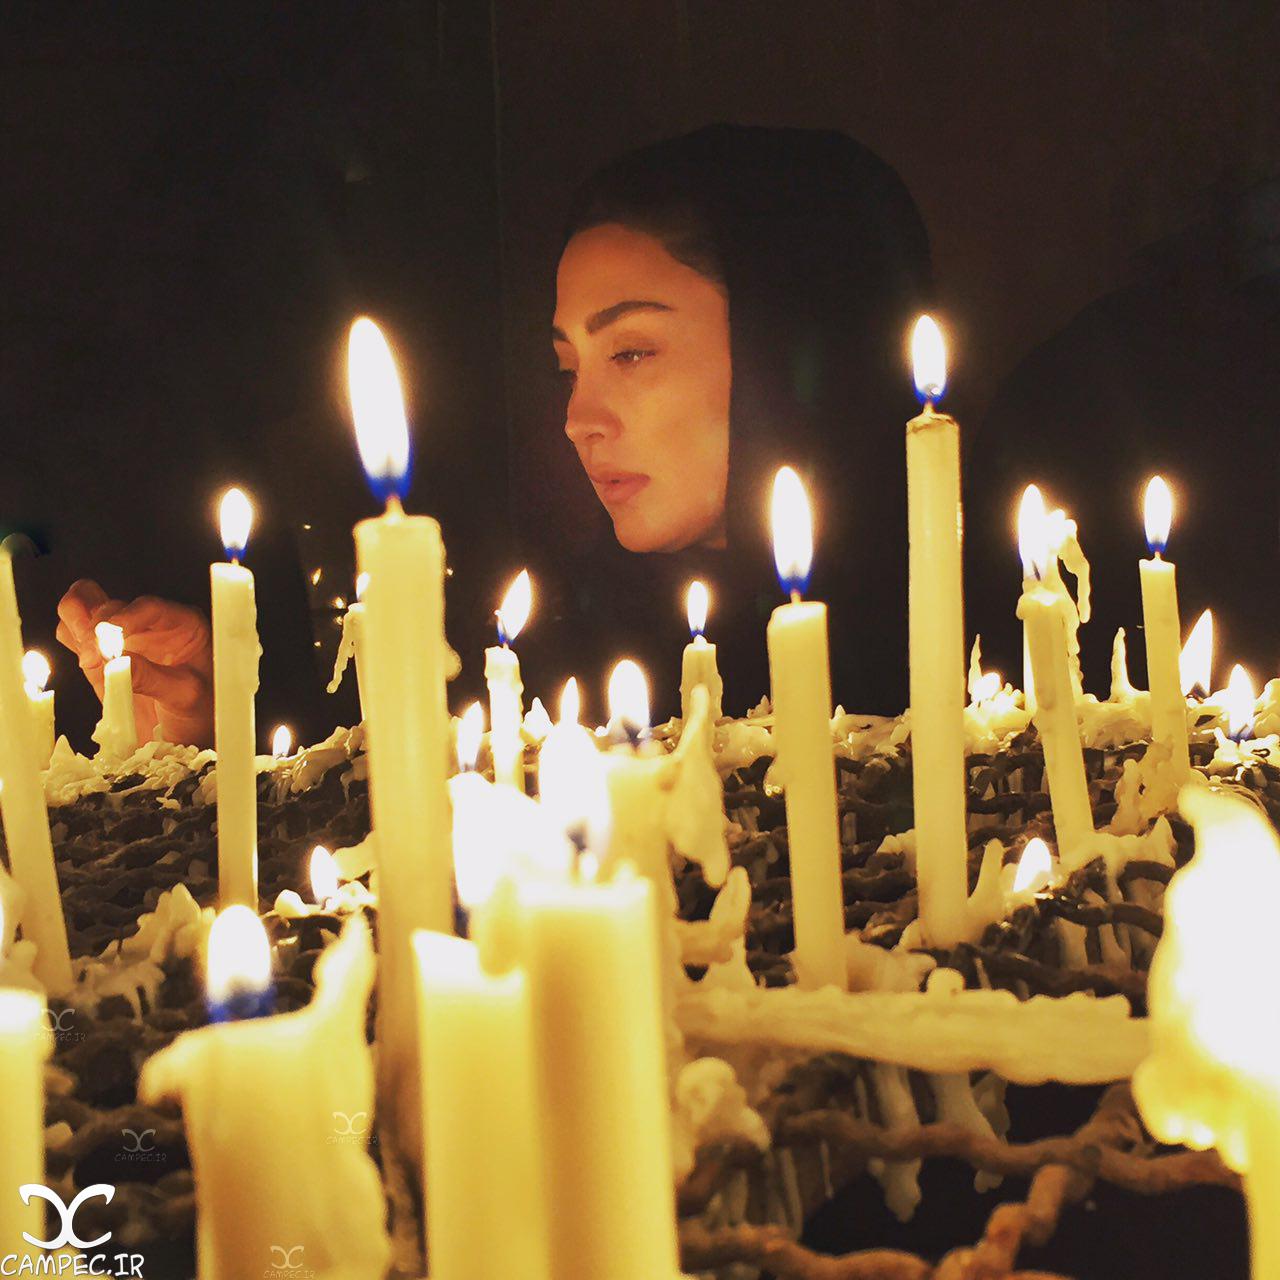 مریم معصومی در شب شام غریبان امام حسین